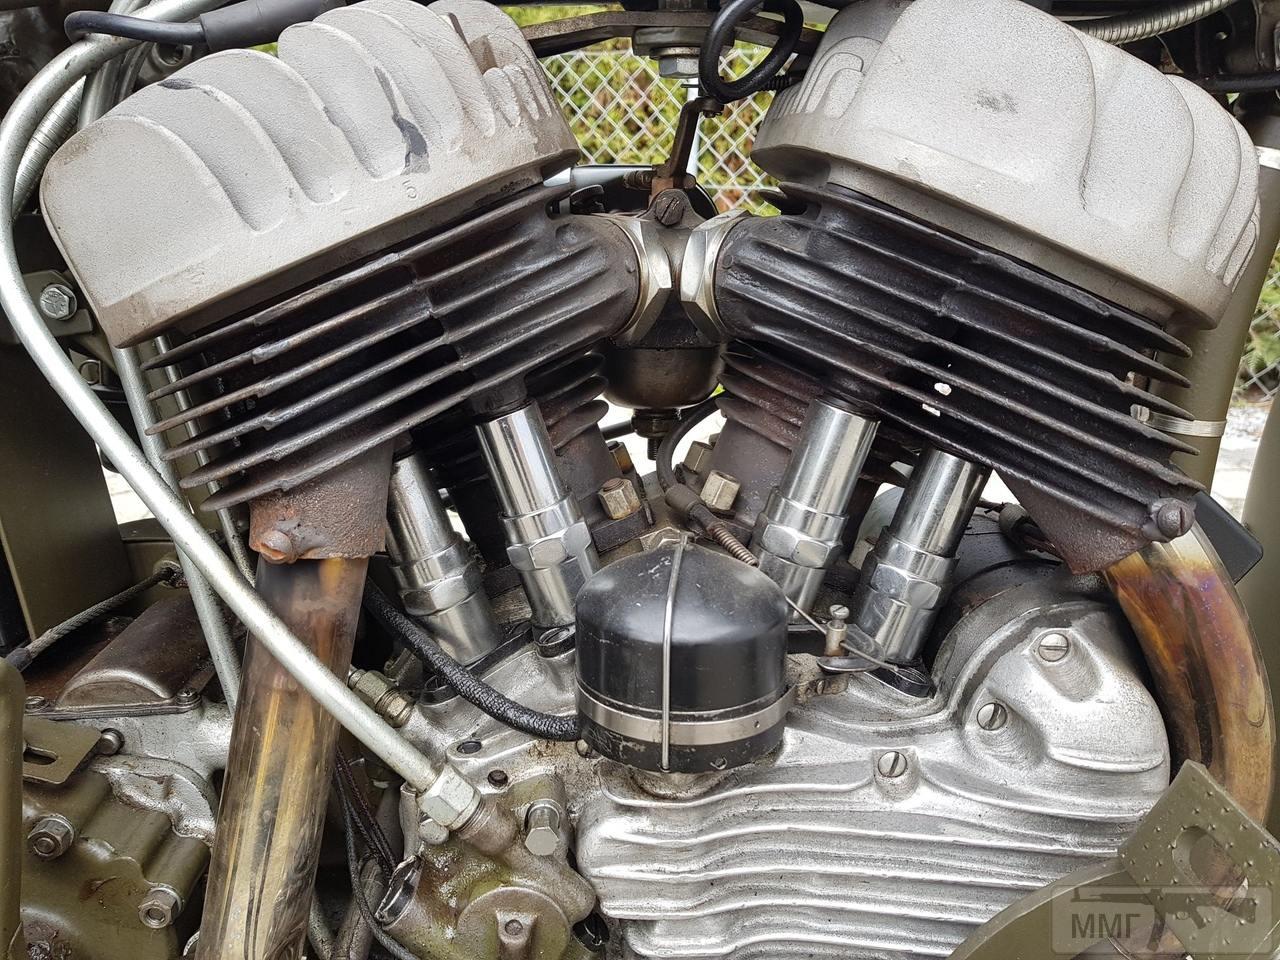 86169 - Армейские мотоциклы